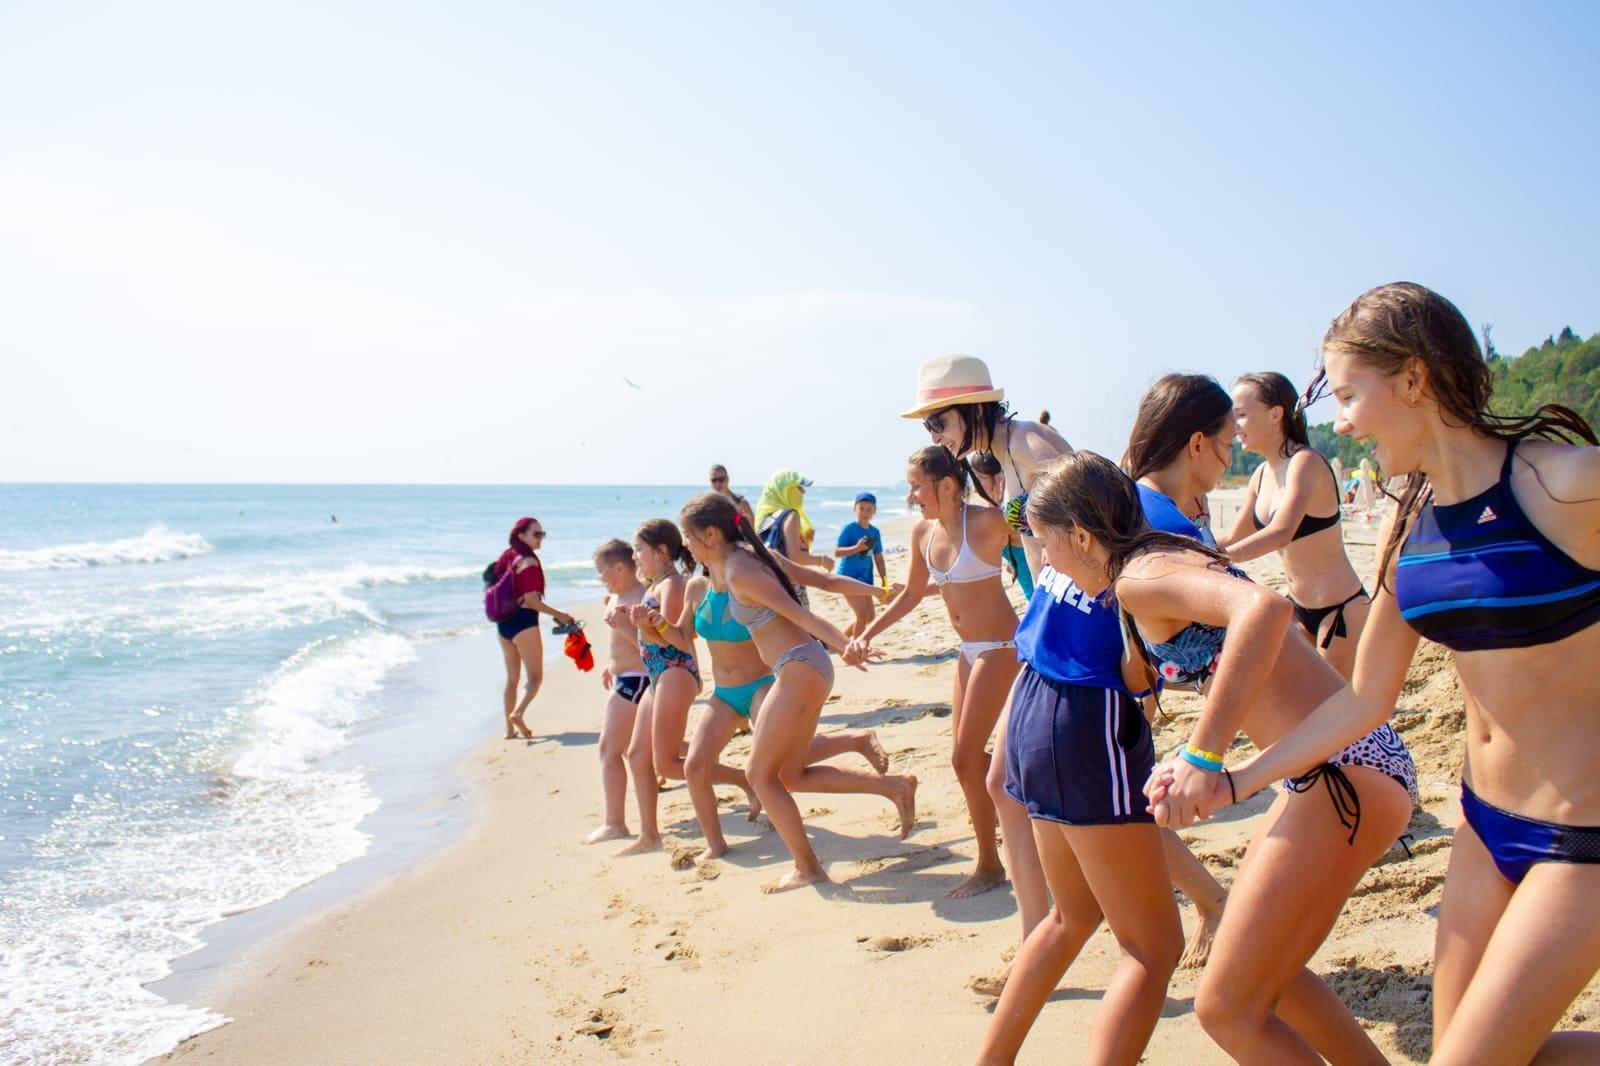 В этом году более 90 детей из Новозыбкова и Клинцов поедут отдыхать на море